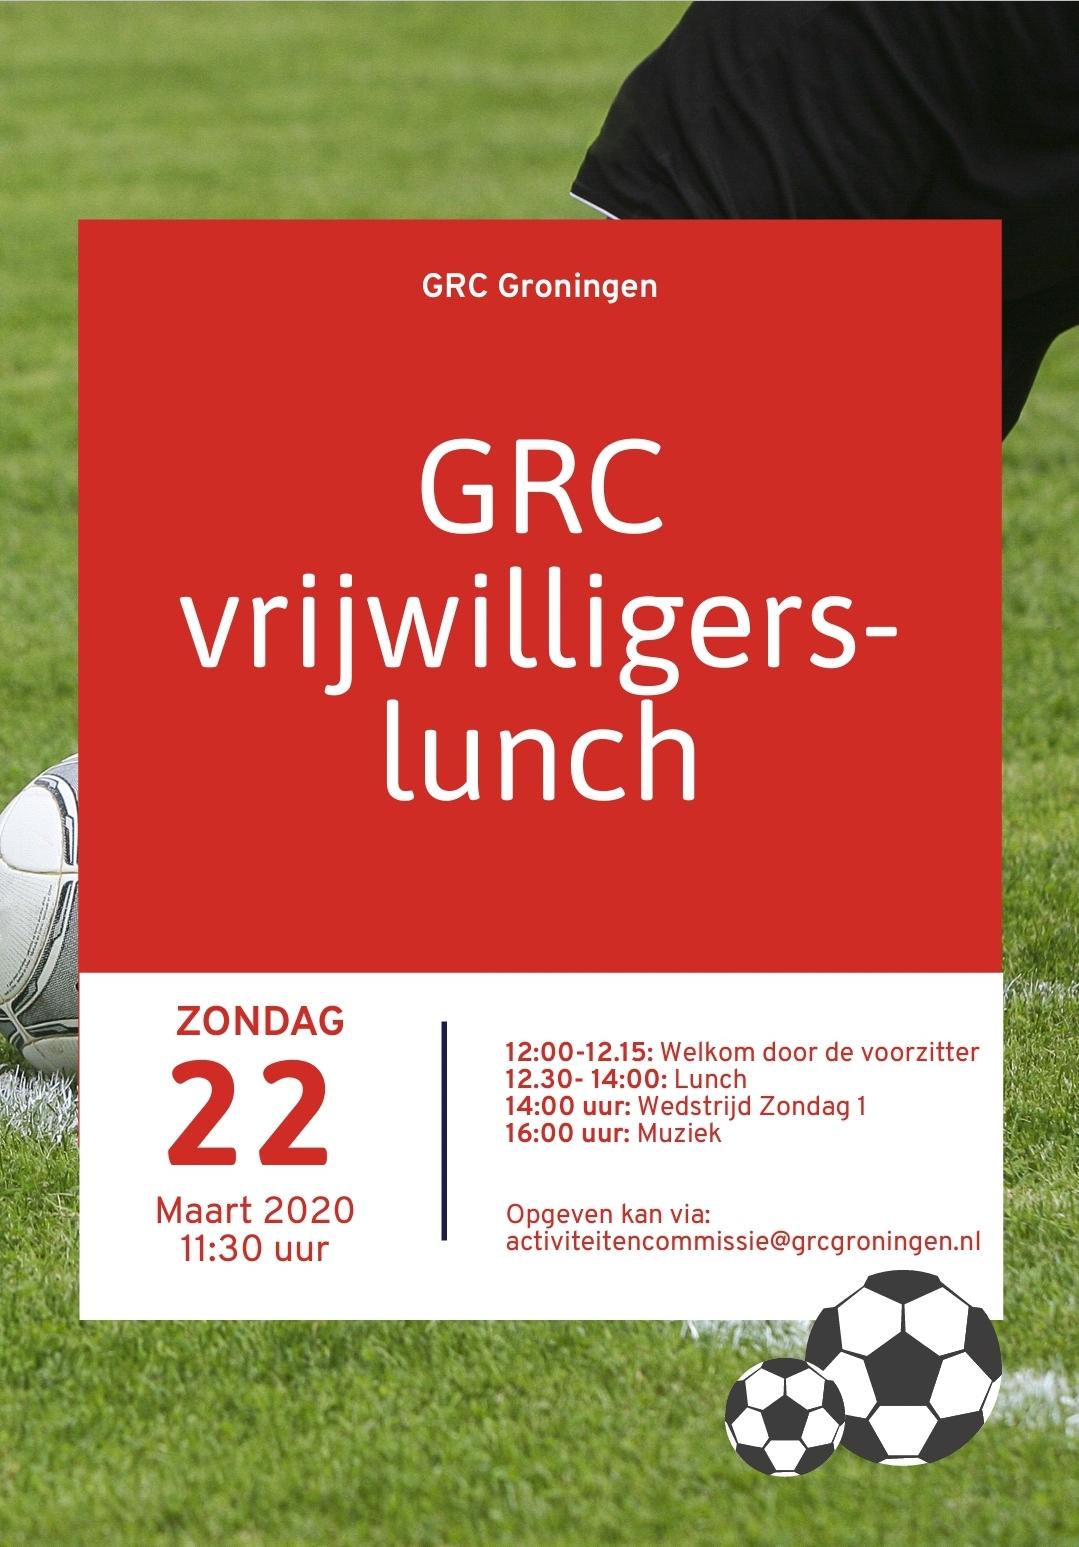 UPDATE: GRC vrijwilligerslunch 22 maart wordt verplaatst naar nieuwe datum